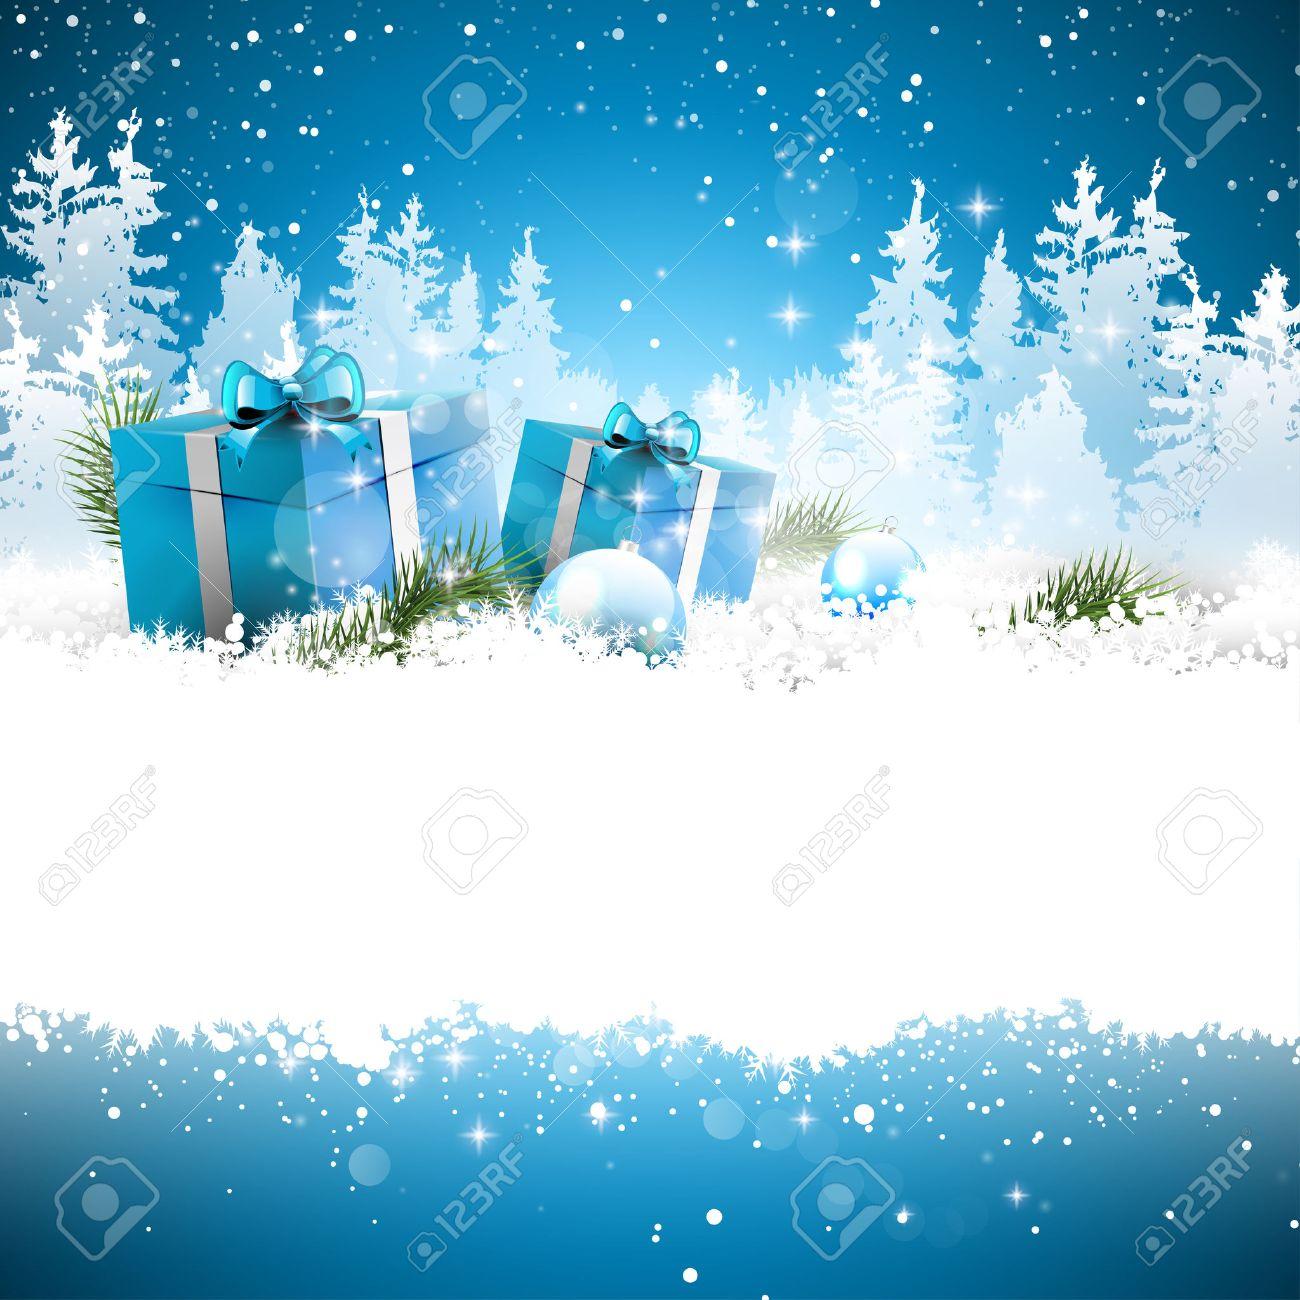 Boîtes à Cadeaux De Noël Dans La Neige Avec Paysage Enneigé Sur Le